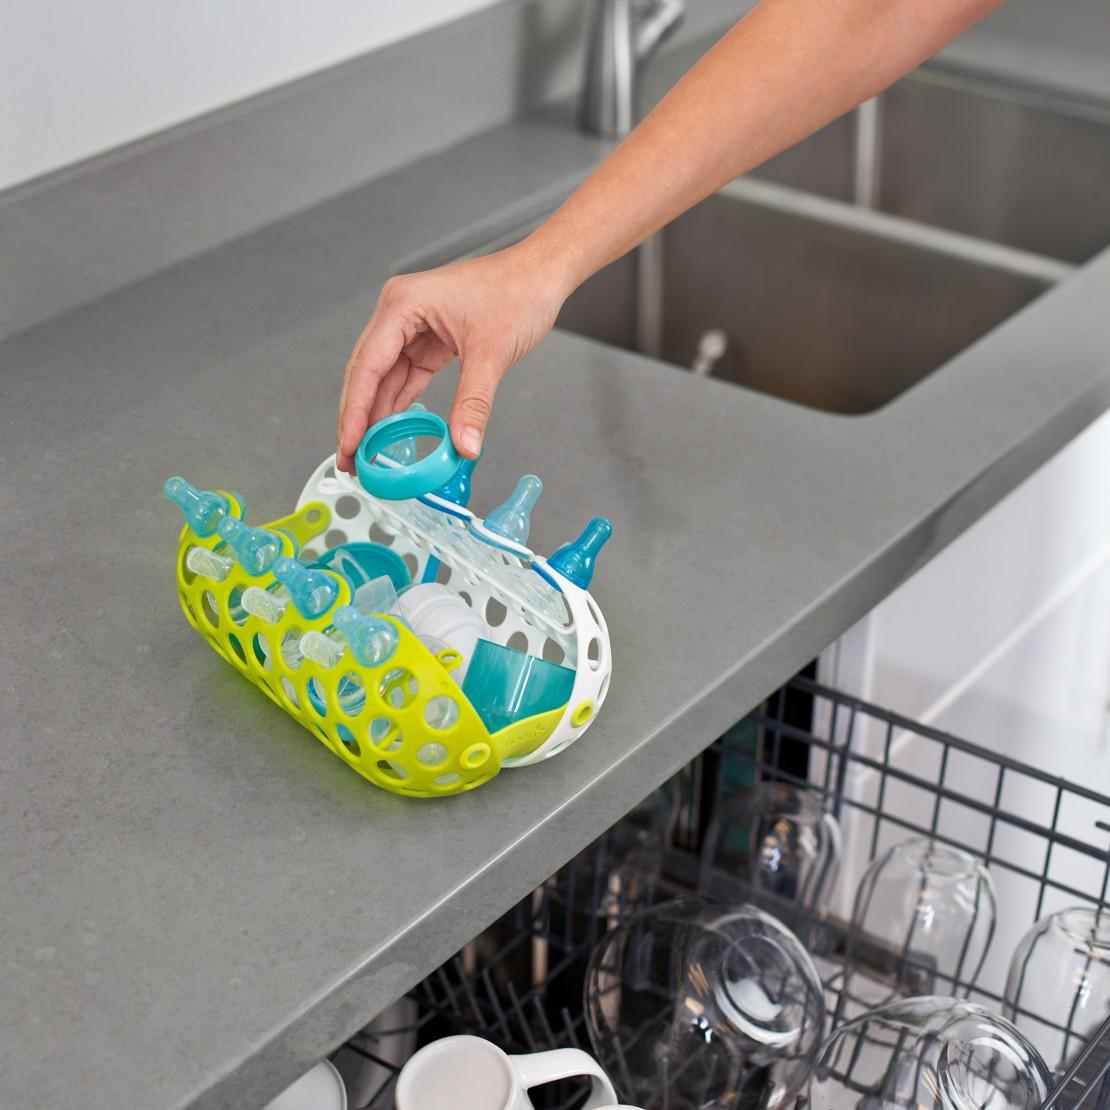 Clutch Dishwasher Basket